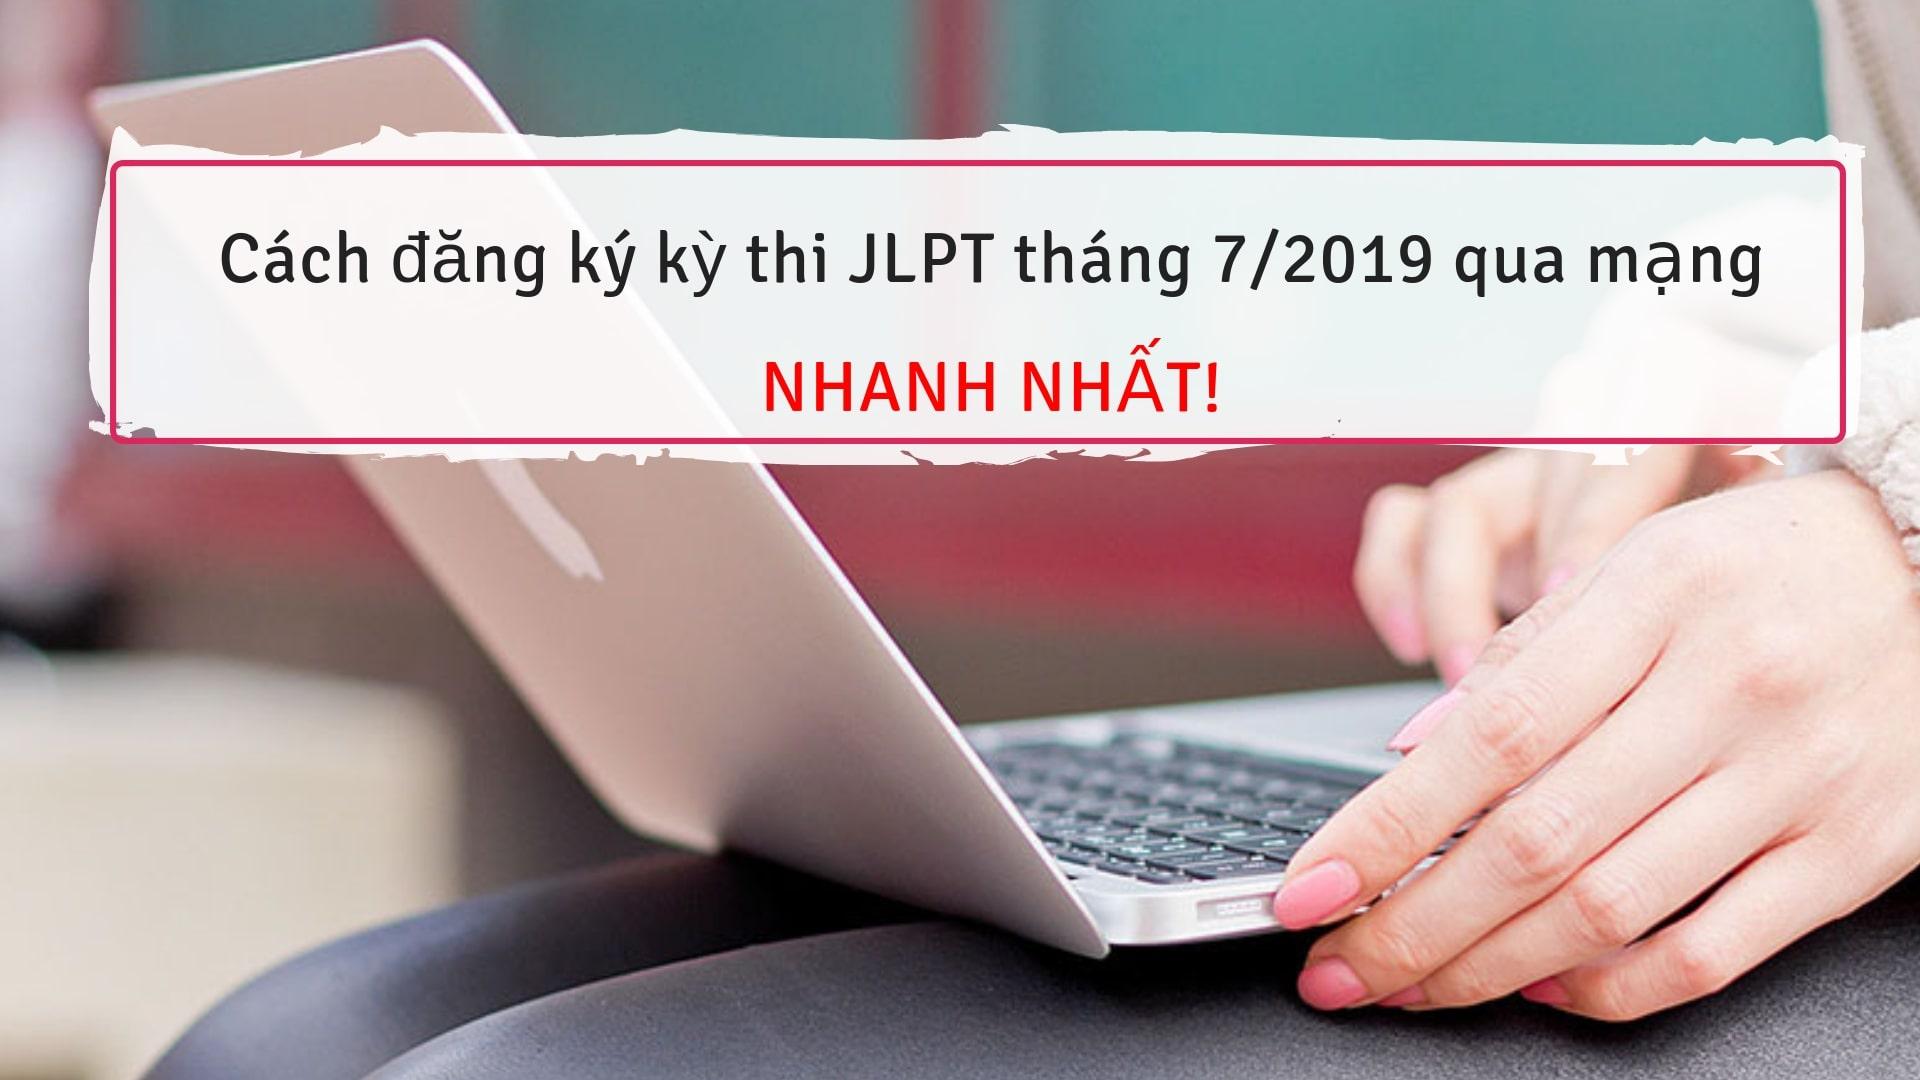 Cách đăng ký kỳ thi JLPT tháng 7/ 2019 qua mạng NHANH NHẤT!